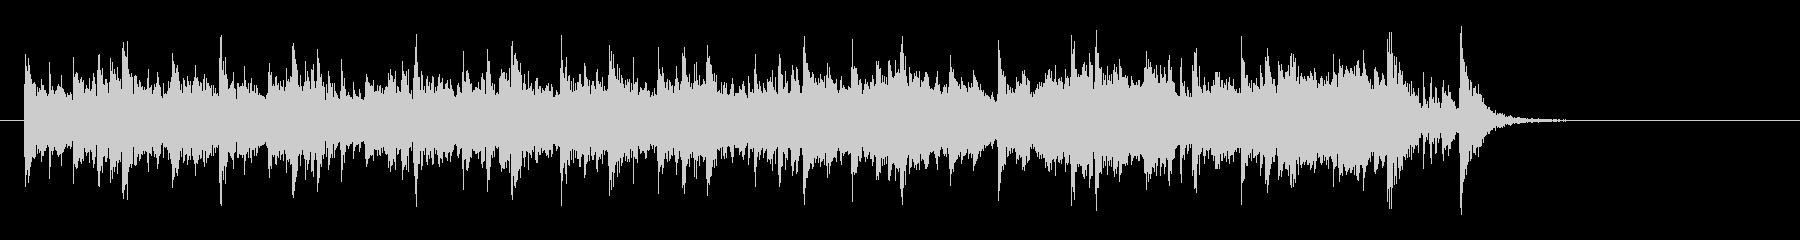 素朴なフォークポップス(イントロ~サビ)の未再生の波形